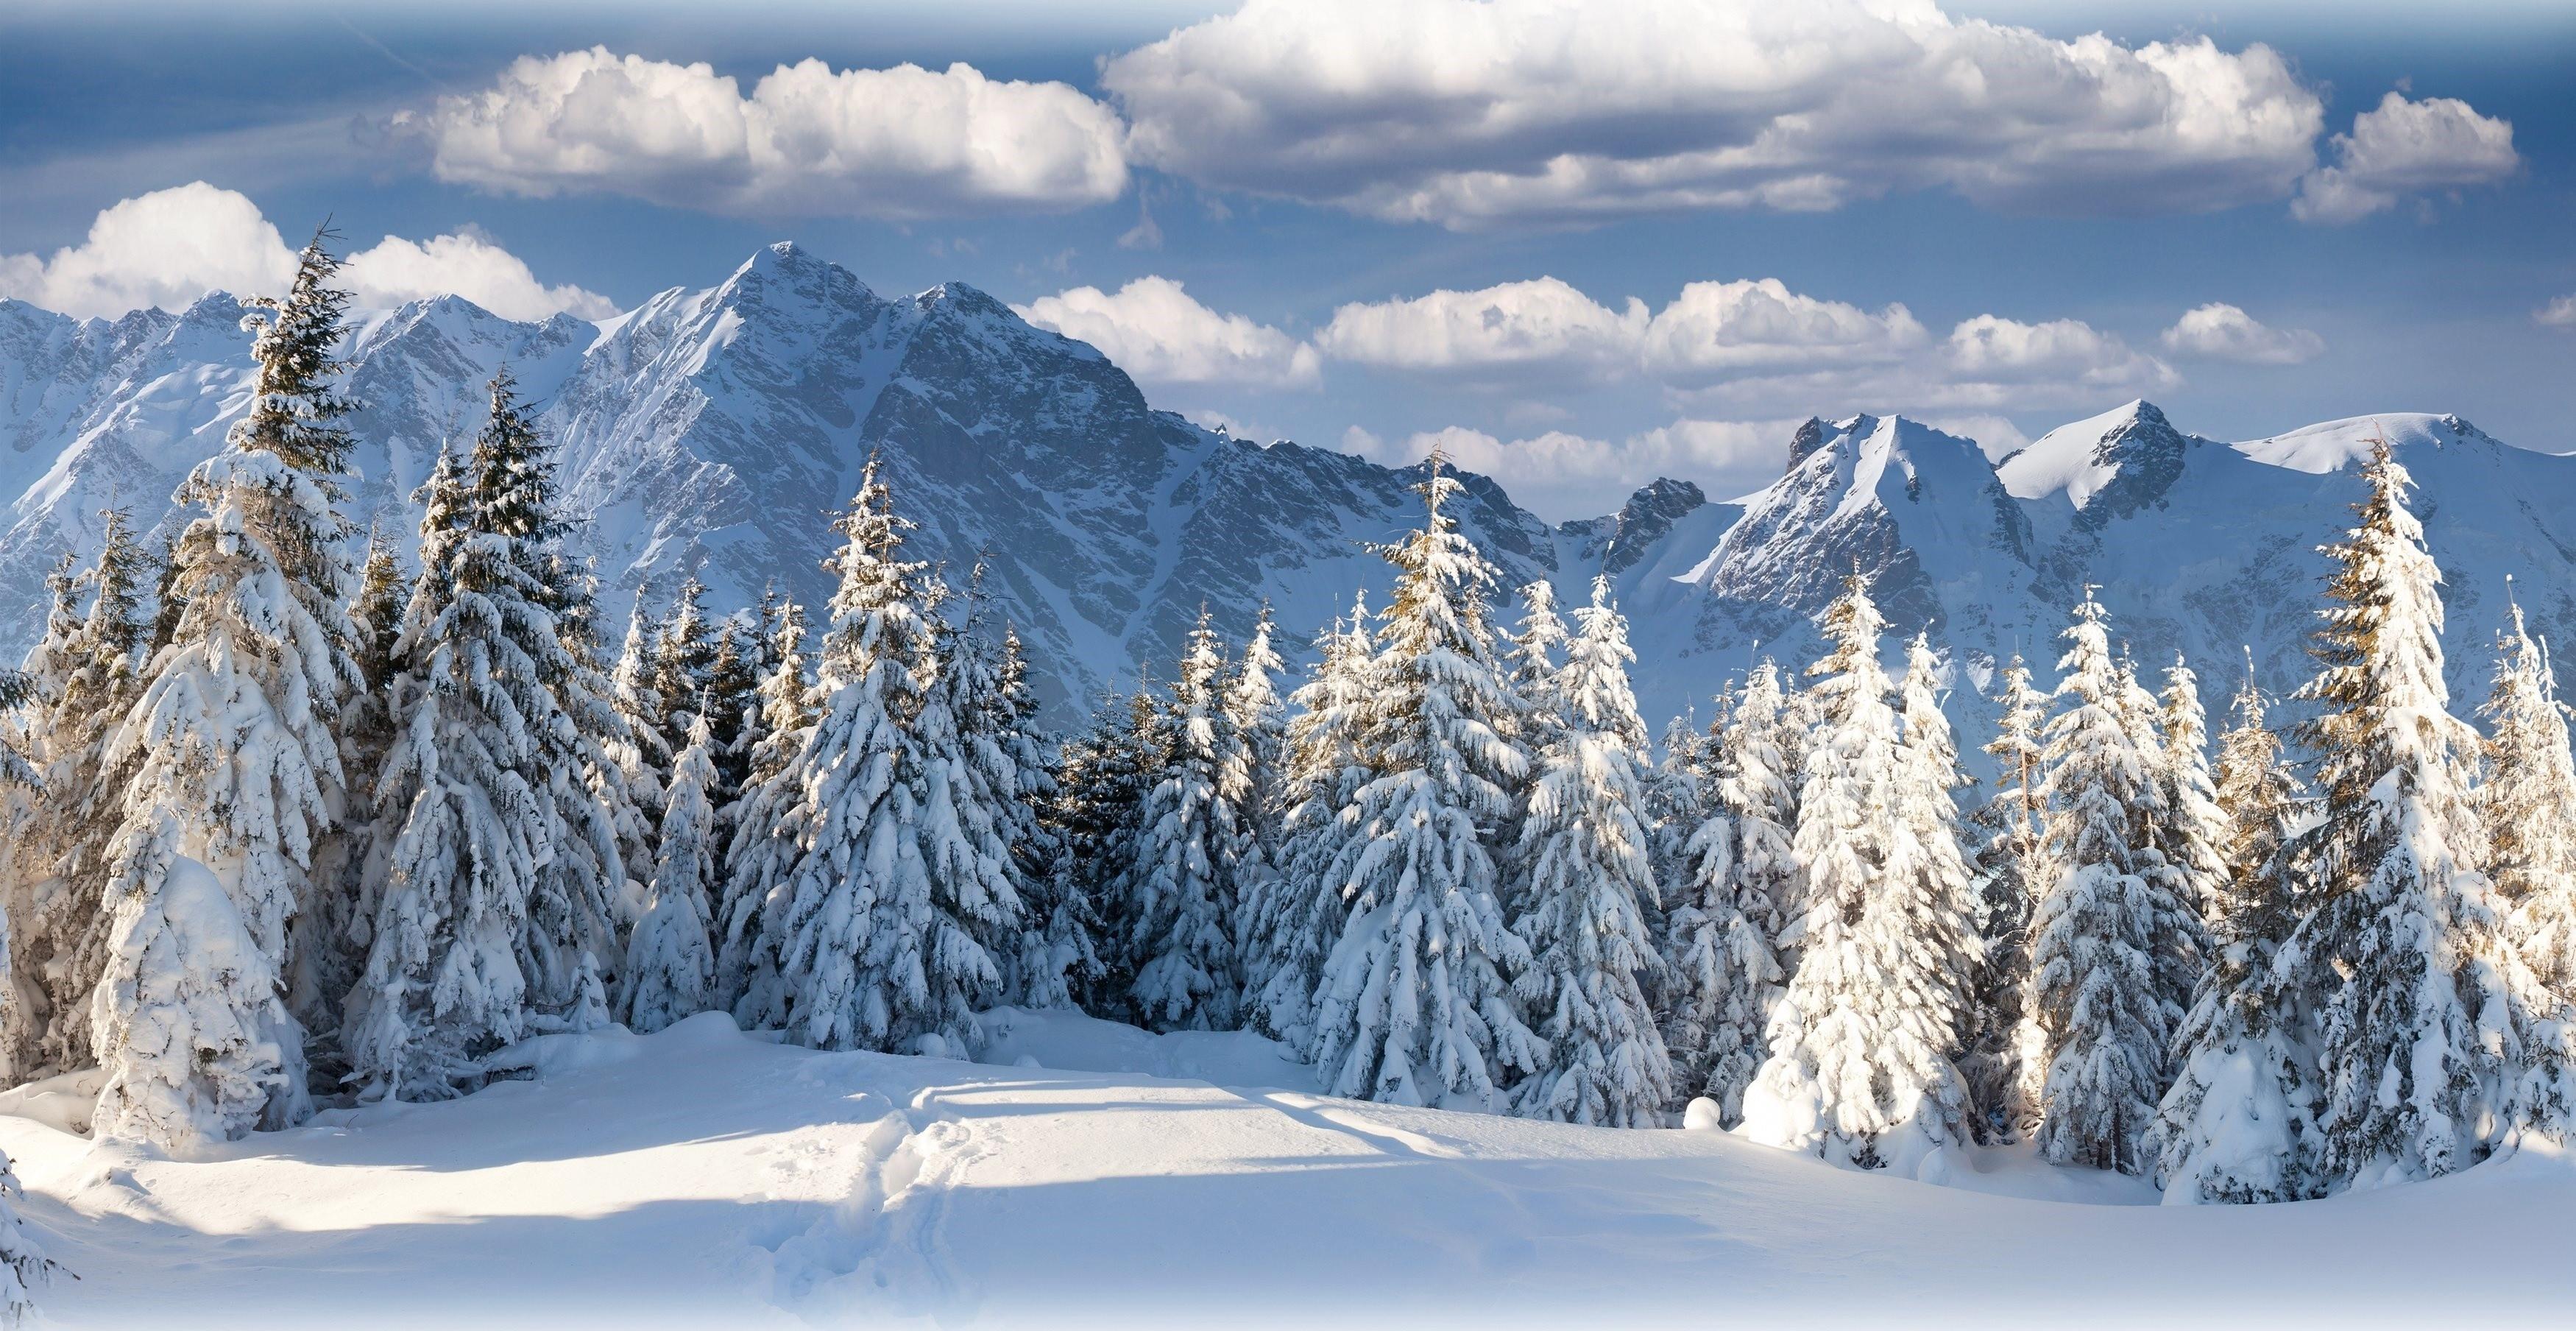 Fond D'écran : Des Arbres, Paysage, Forêt, Montagnes, La Nature, Neige, Hiver, épicéa, Alpes